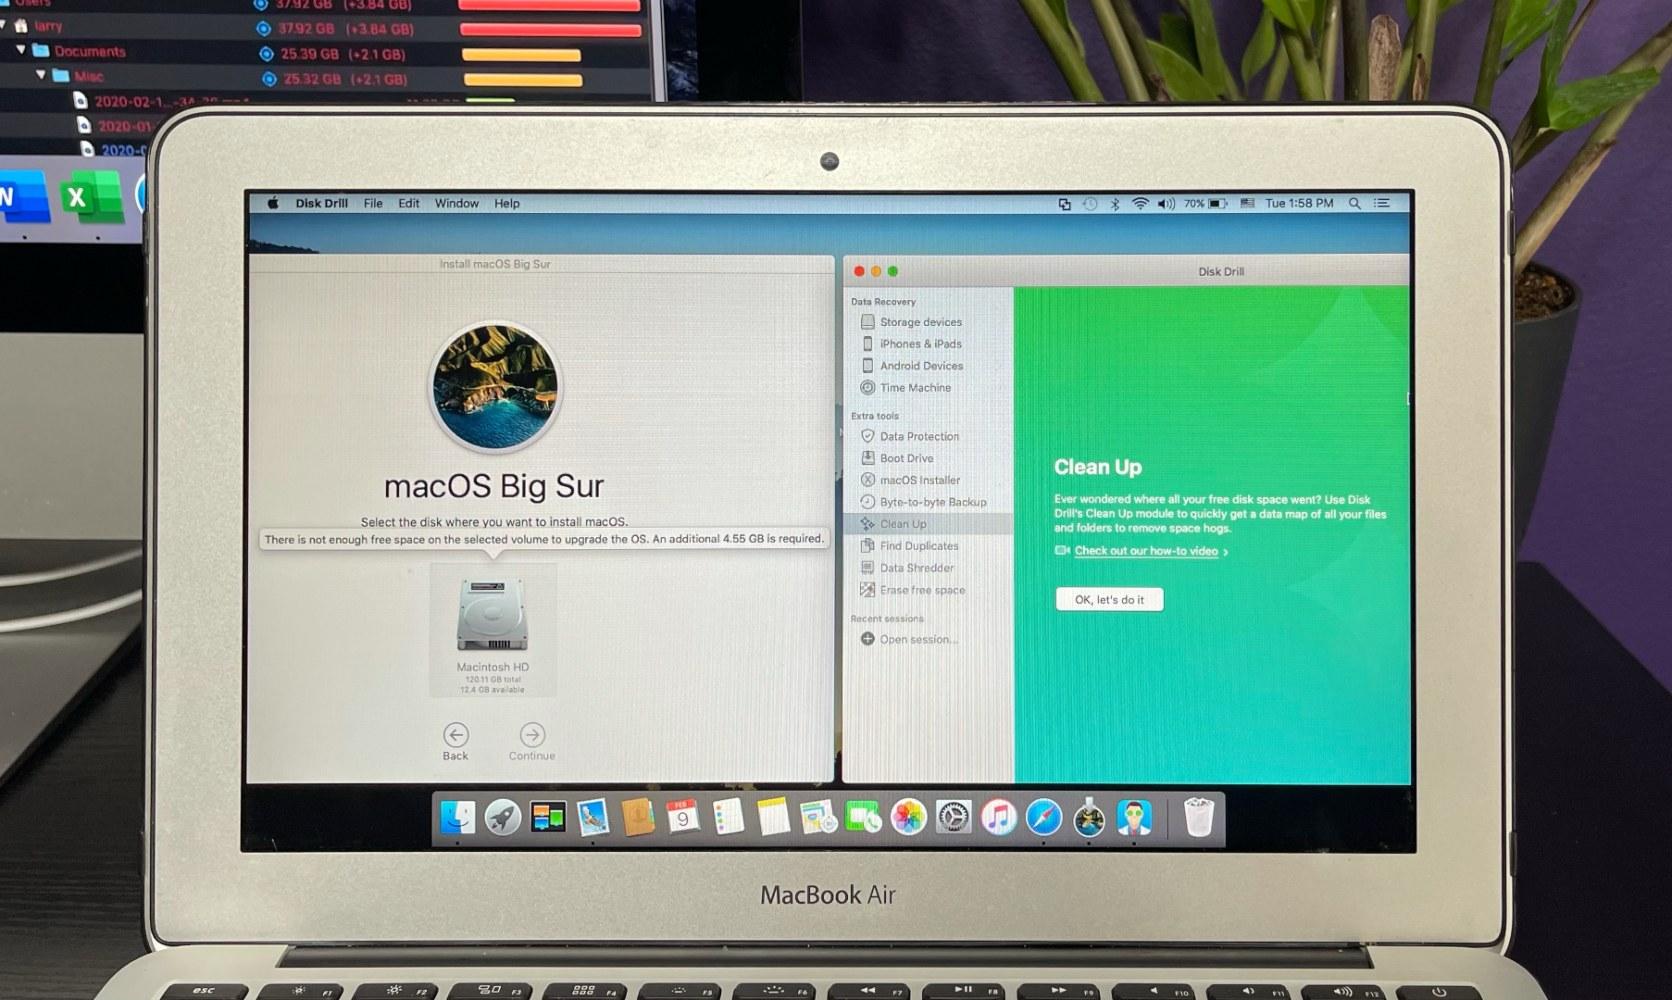 macOS Big Sur update free space